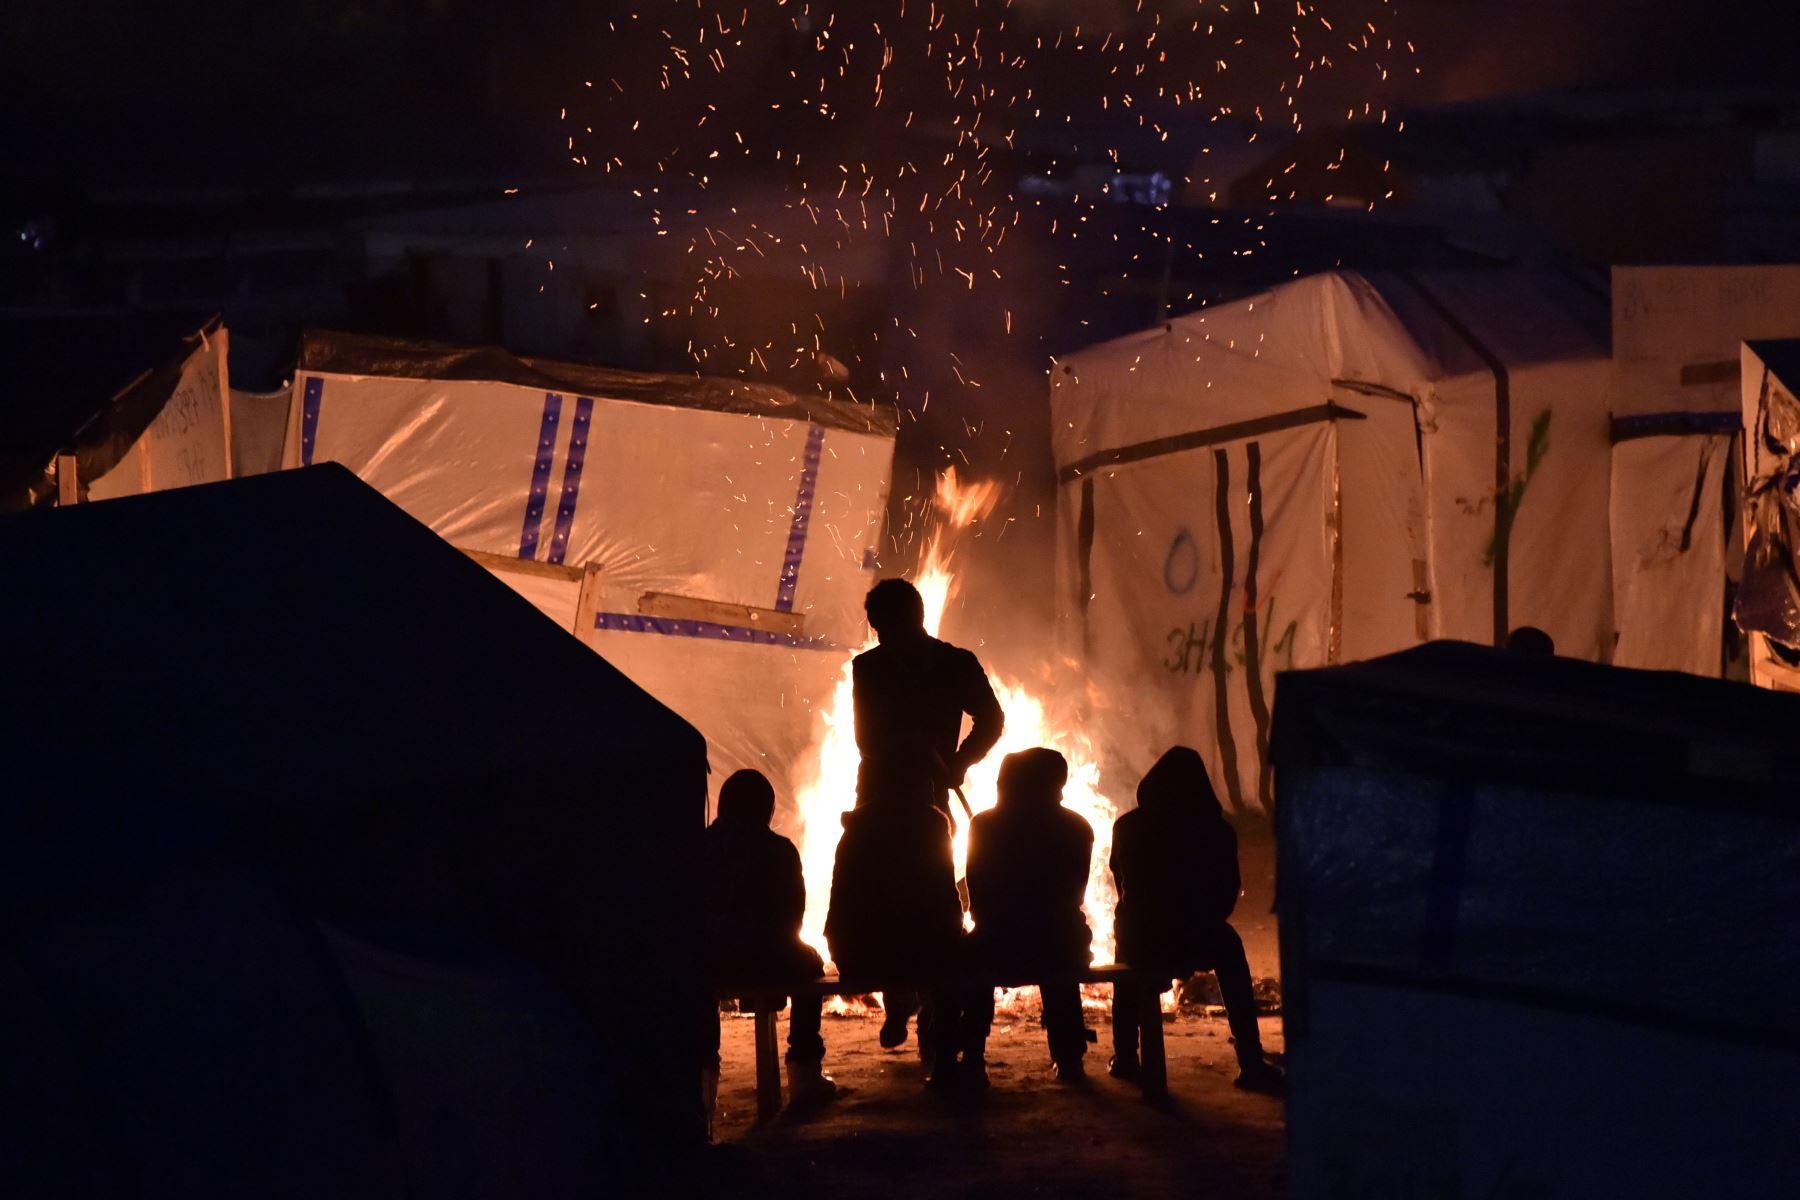 Migrantes se reúnen alrededor de una fogata en Calais, al norte de Francia. Foto: AFP